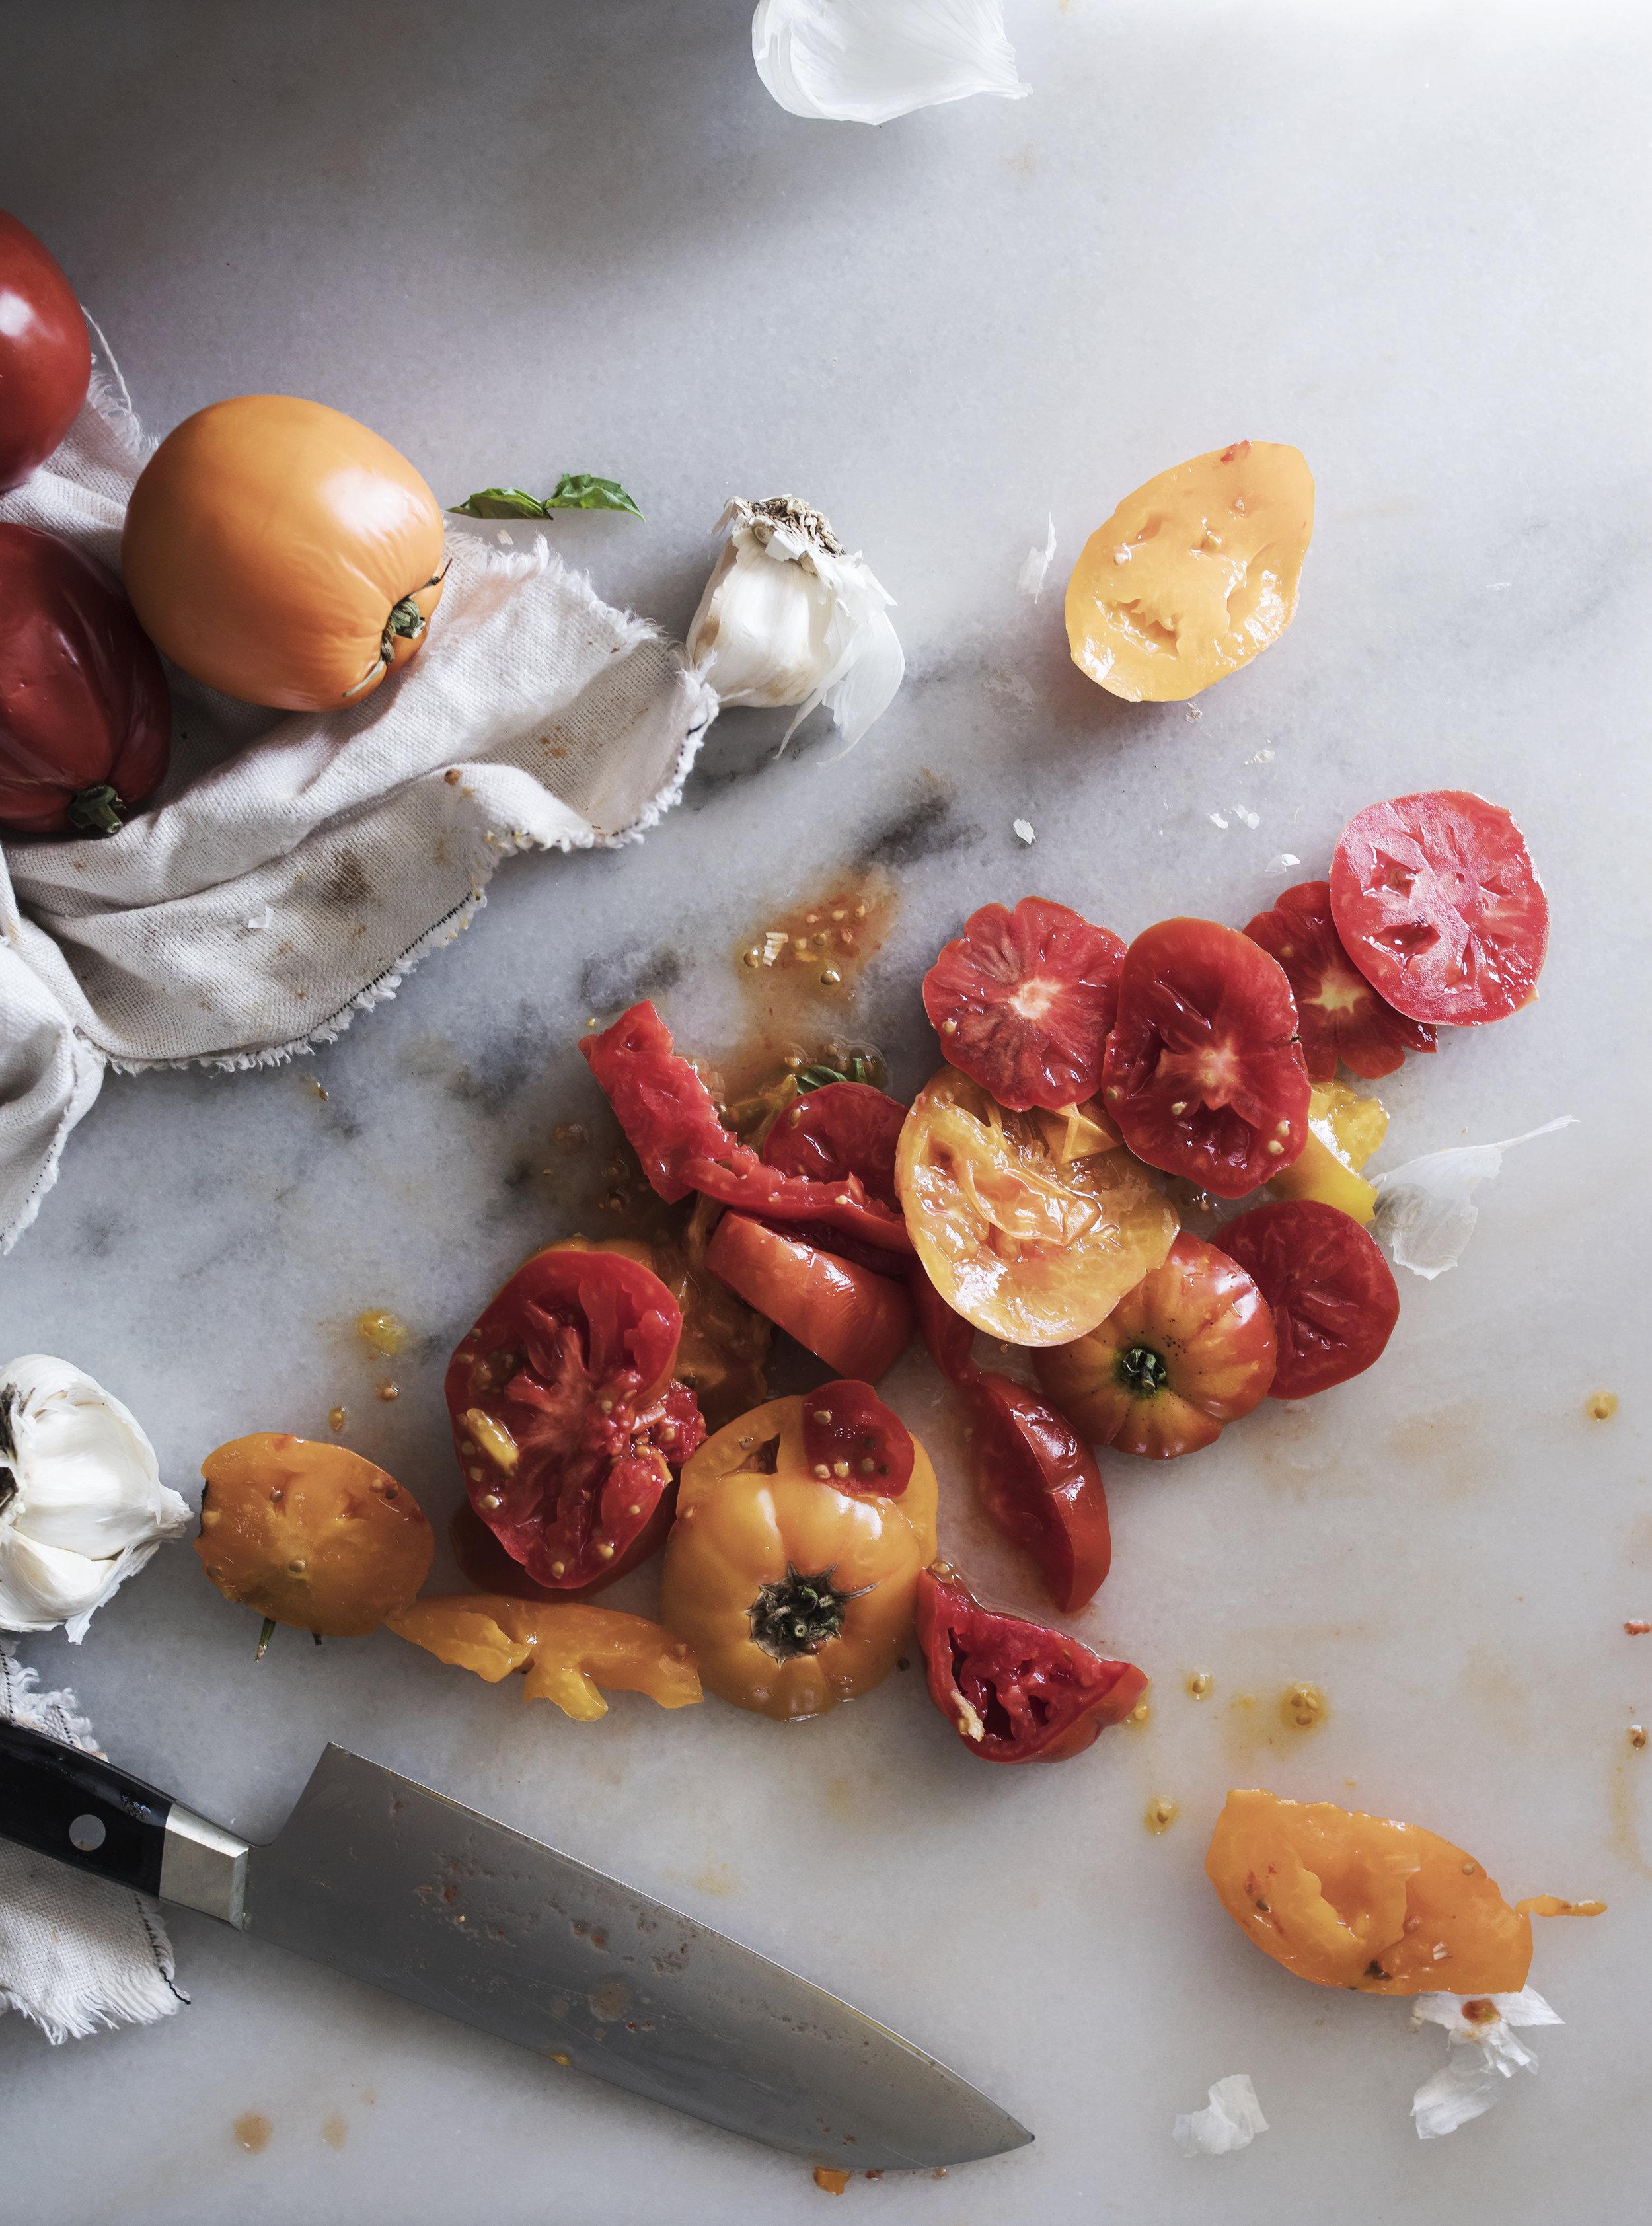 galette recipe gluten free tomato